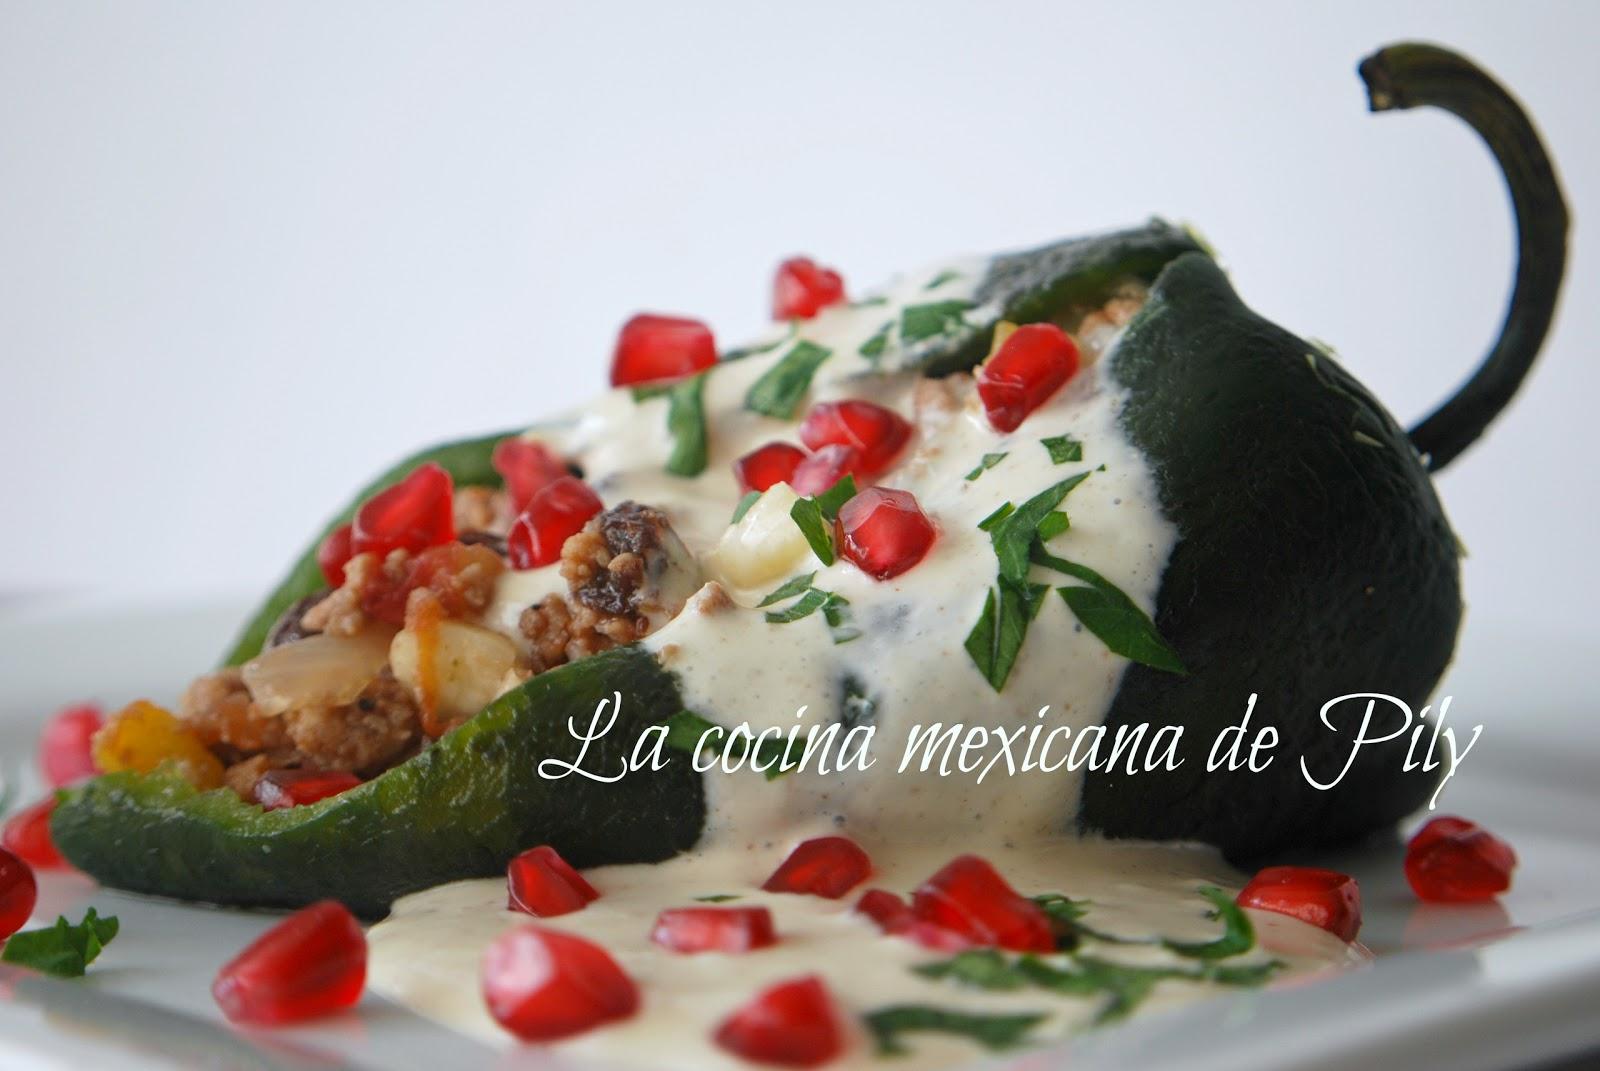 La cocina mexicana de Pily: Chiles en nogada estilo La cocina mexicana ...